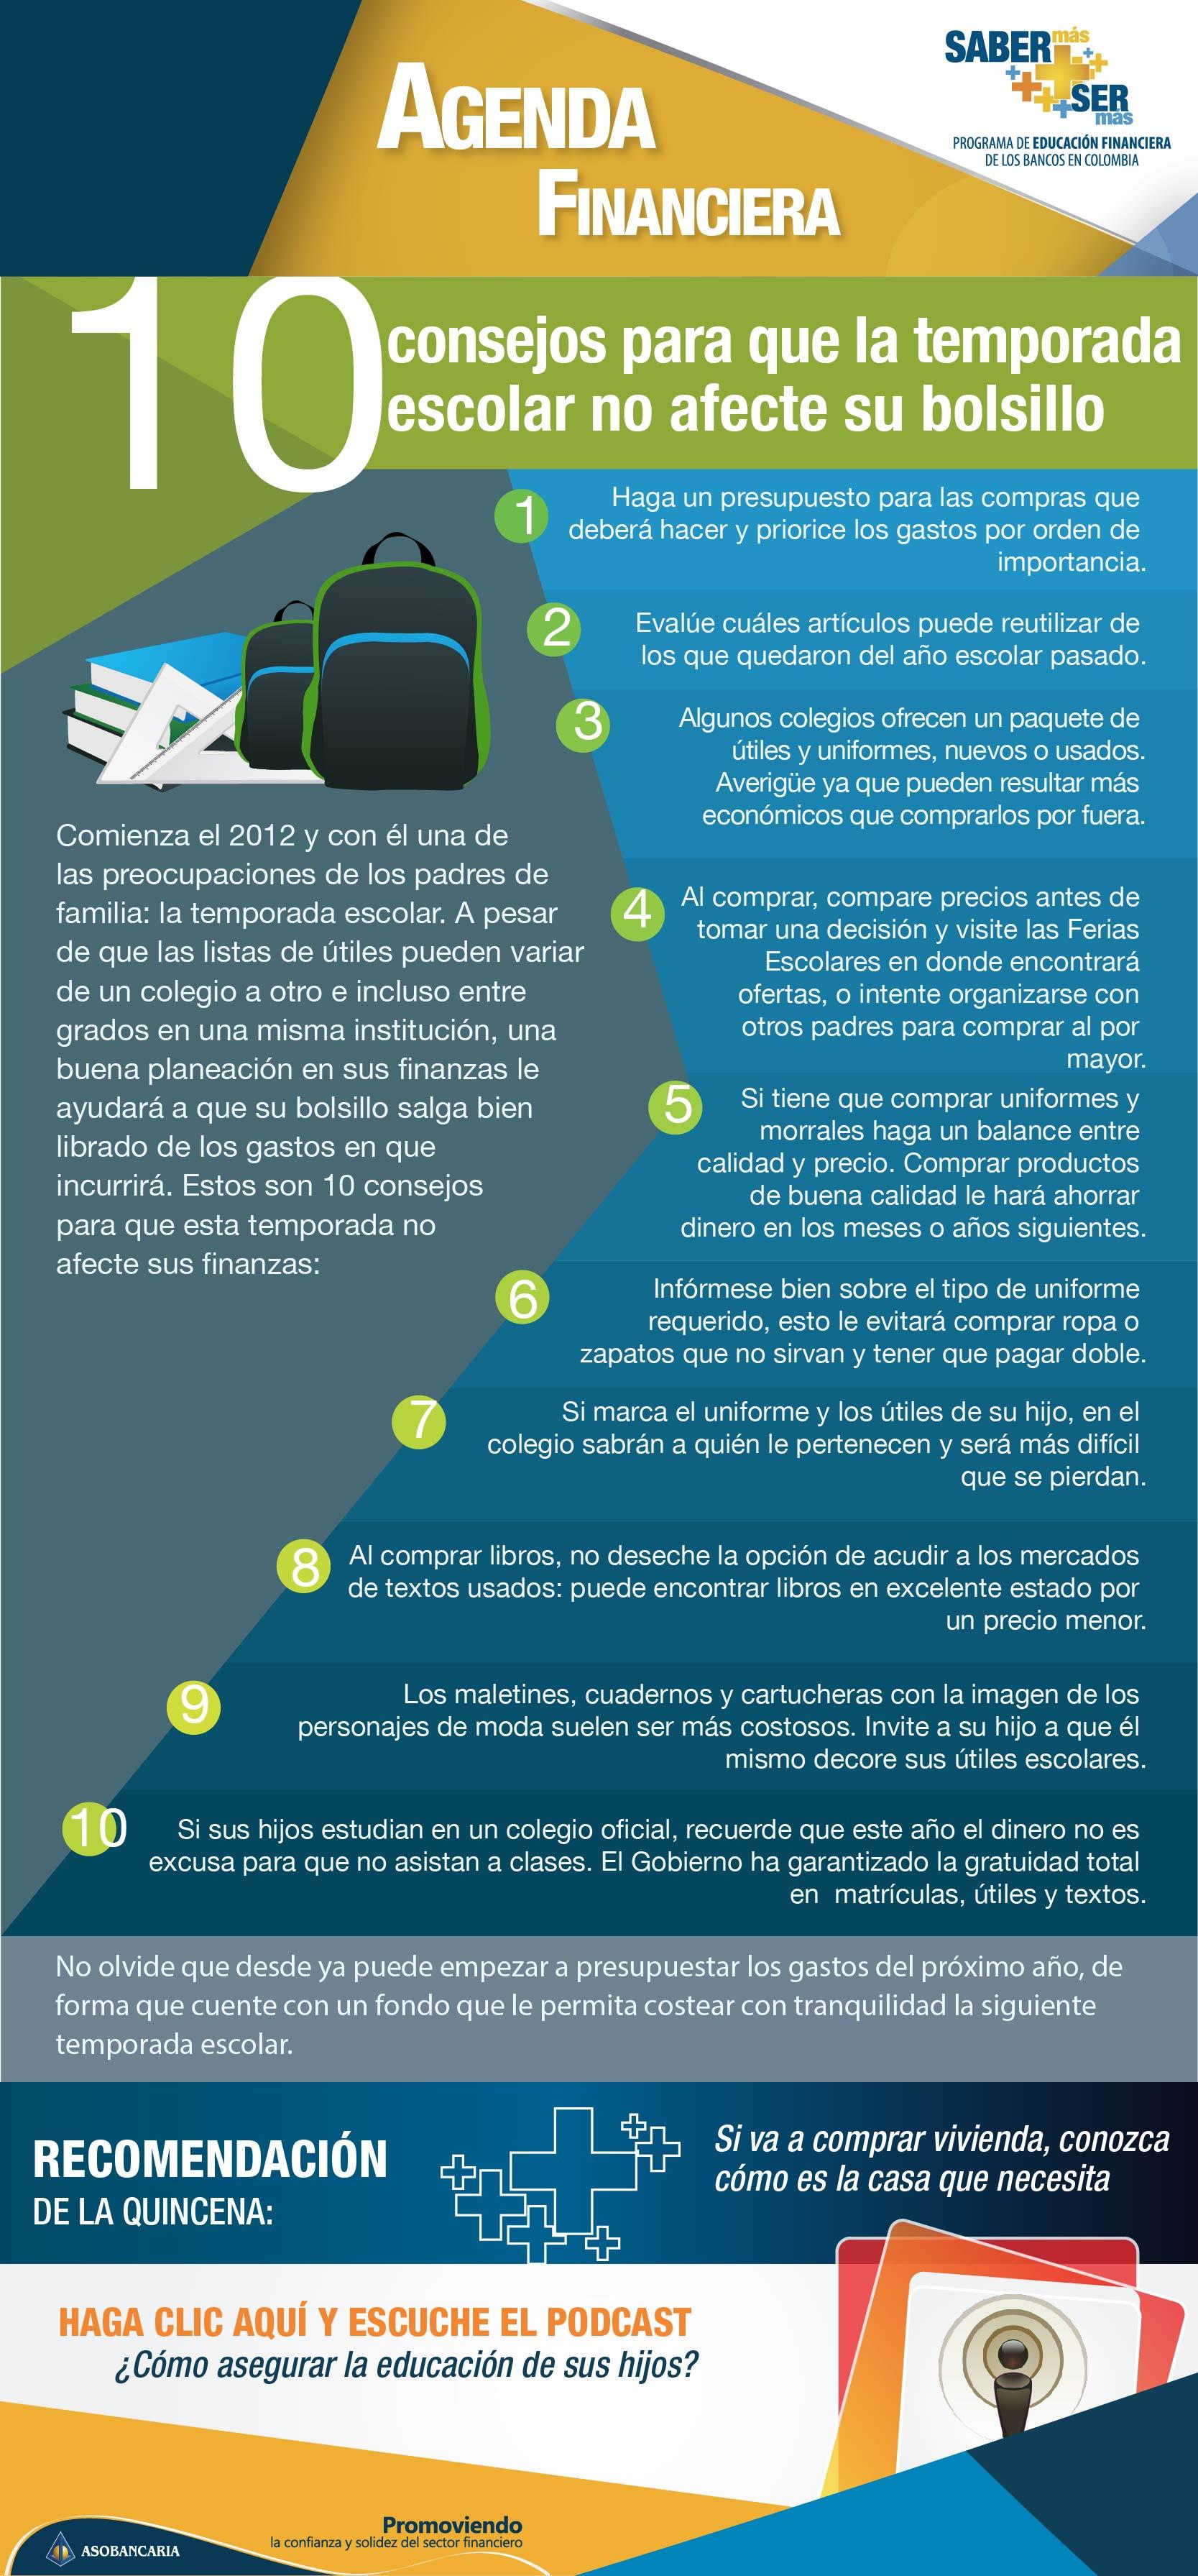 Boletin 19 -  Diez consejos para que la temporada escolar no afecte su bolsillo